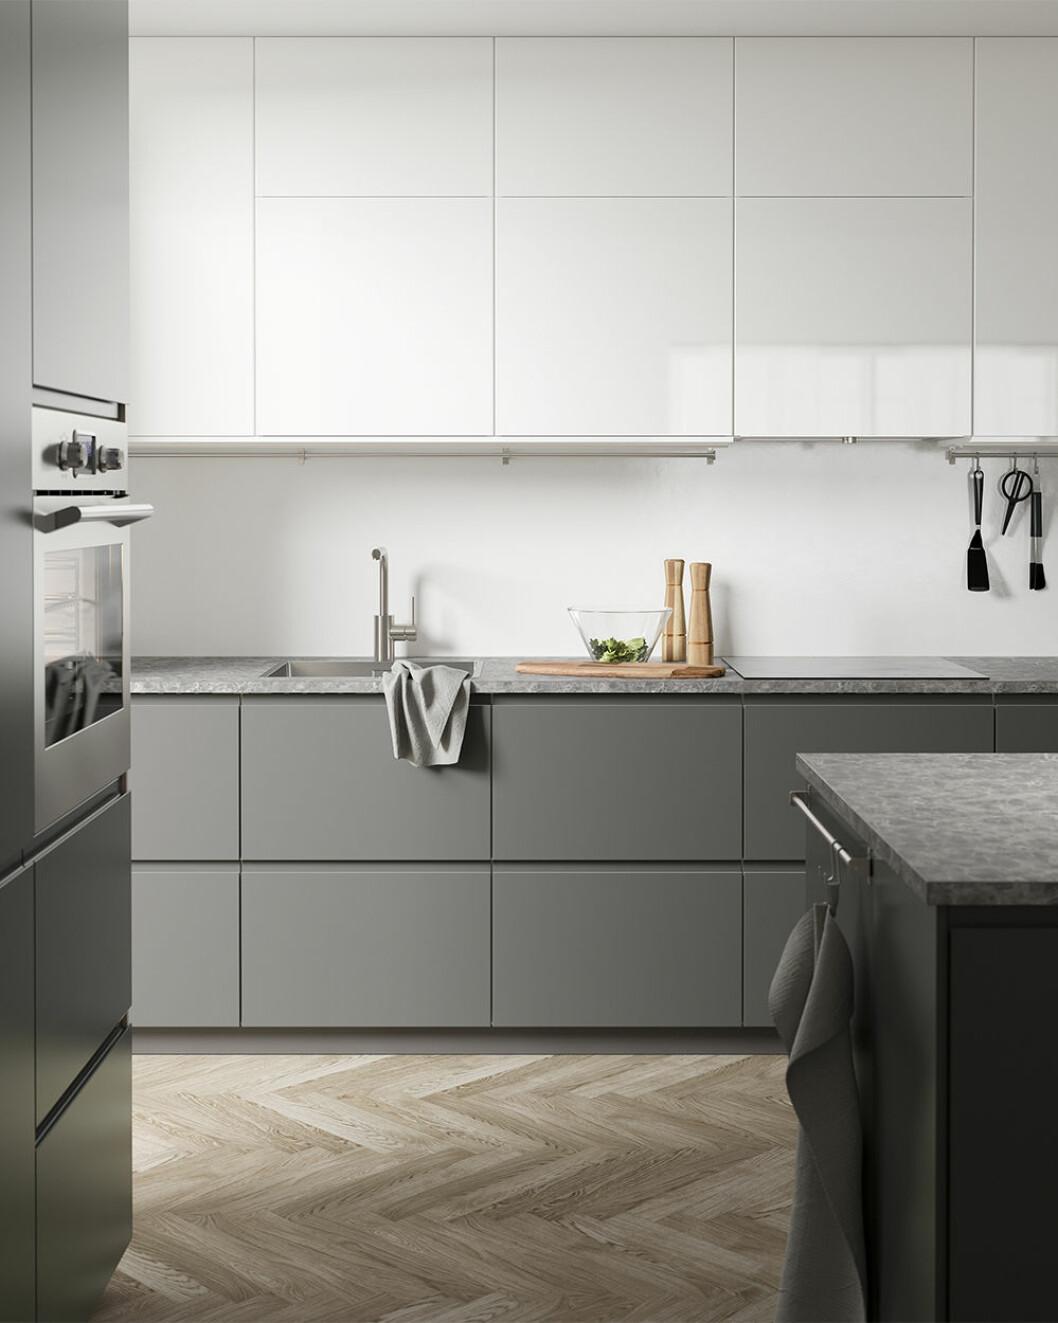 Grått kök från Ikea-katalogen 2020